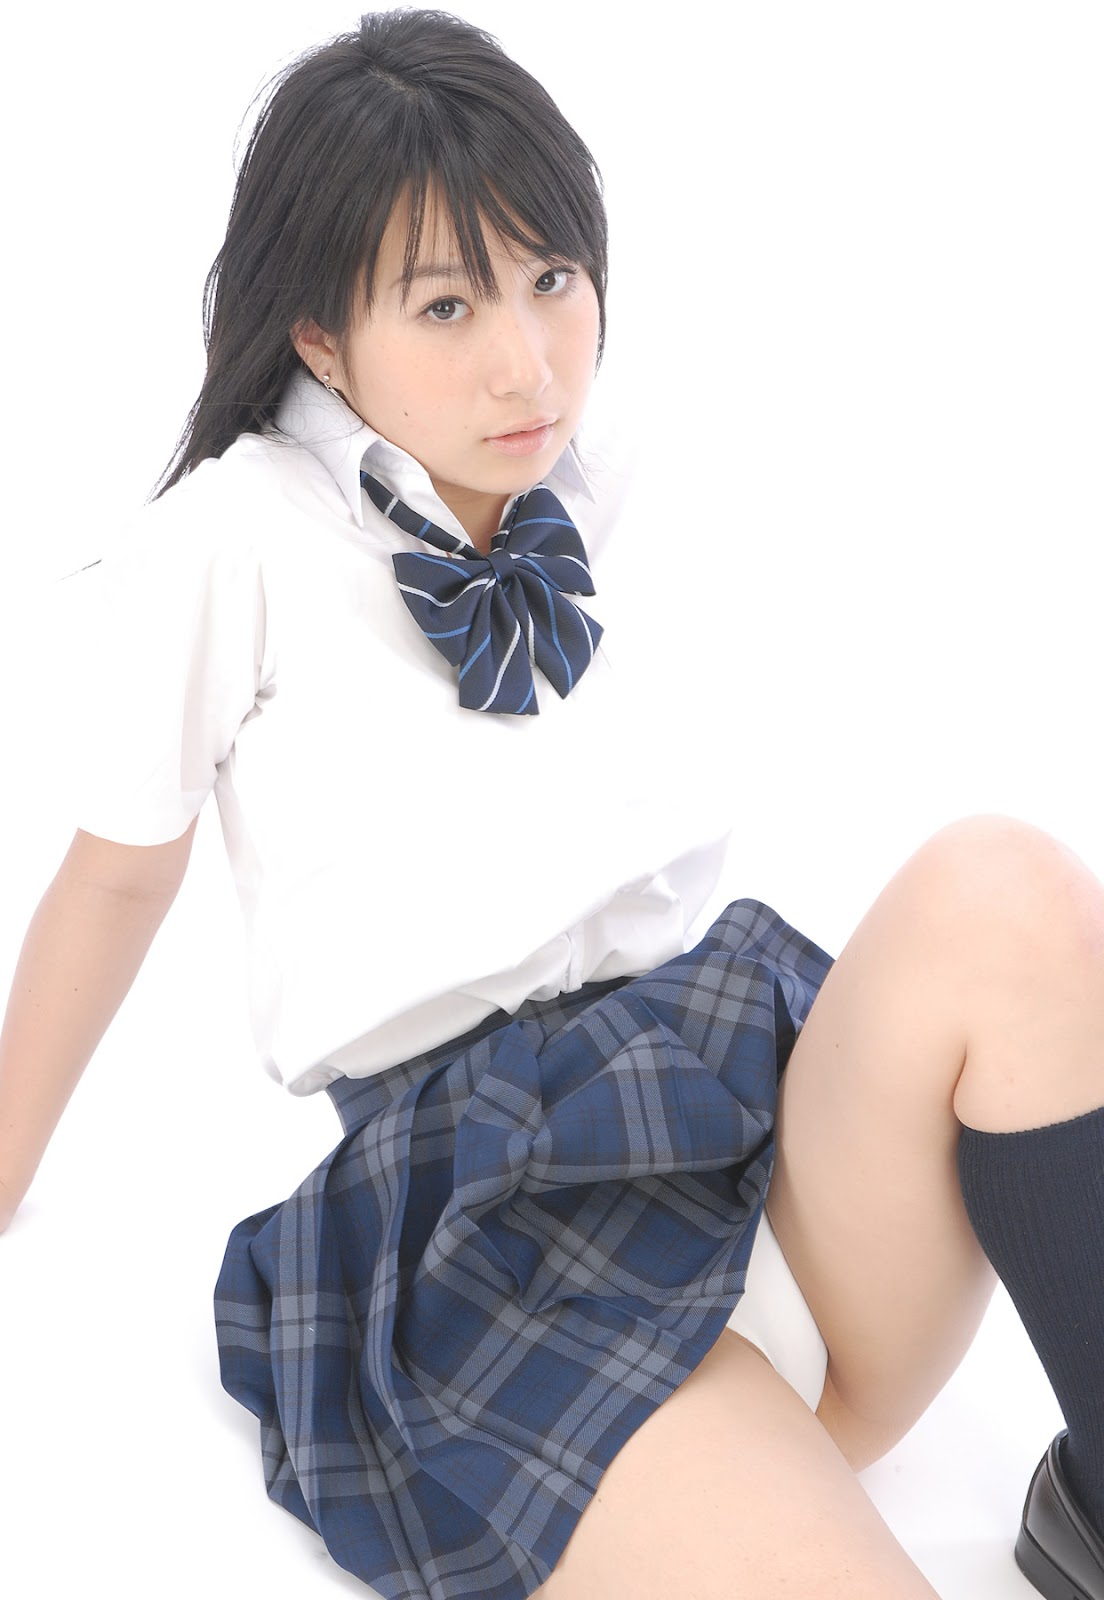 Beautifull Photos: 109 pics Rui Kiriyama